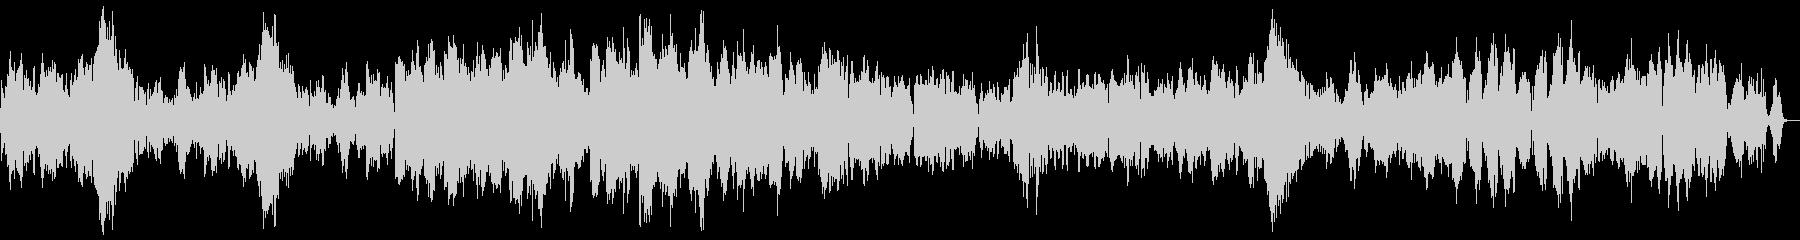 「クープランの墓」から 『フォルラーヌ』の未再生の波形